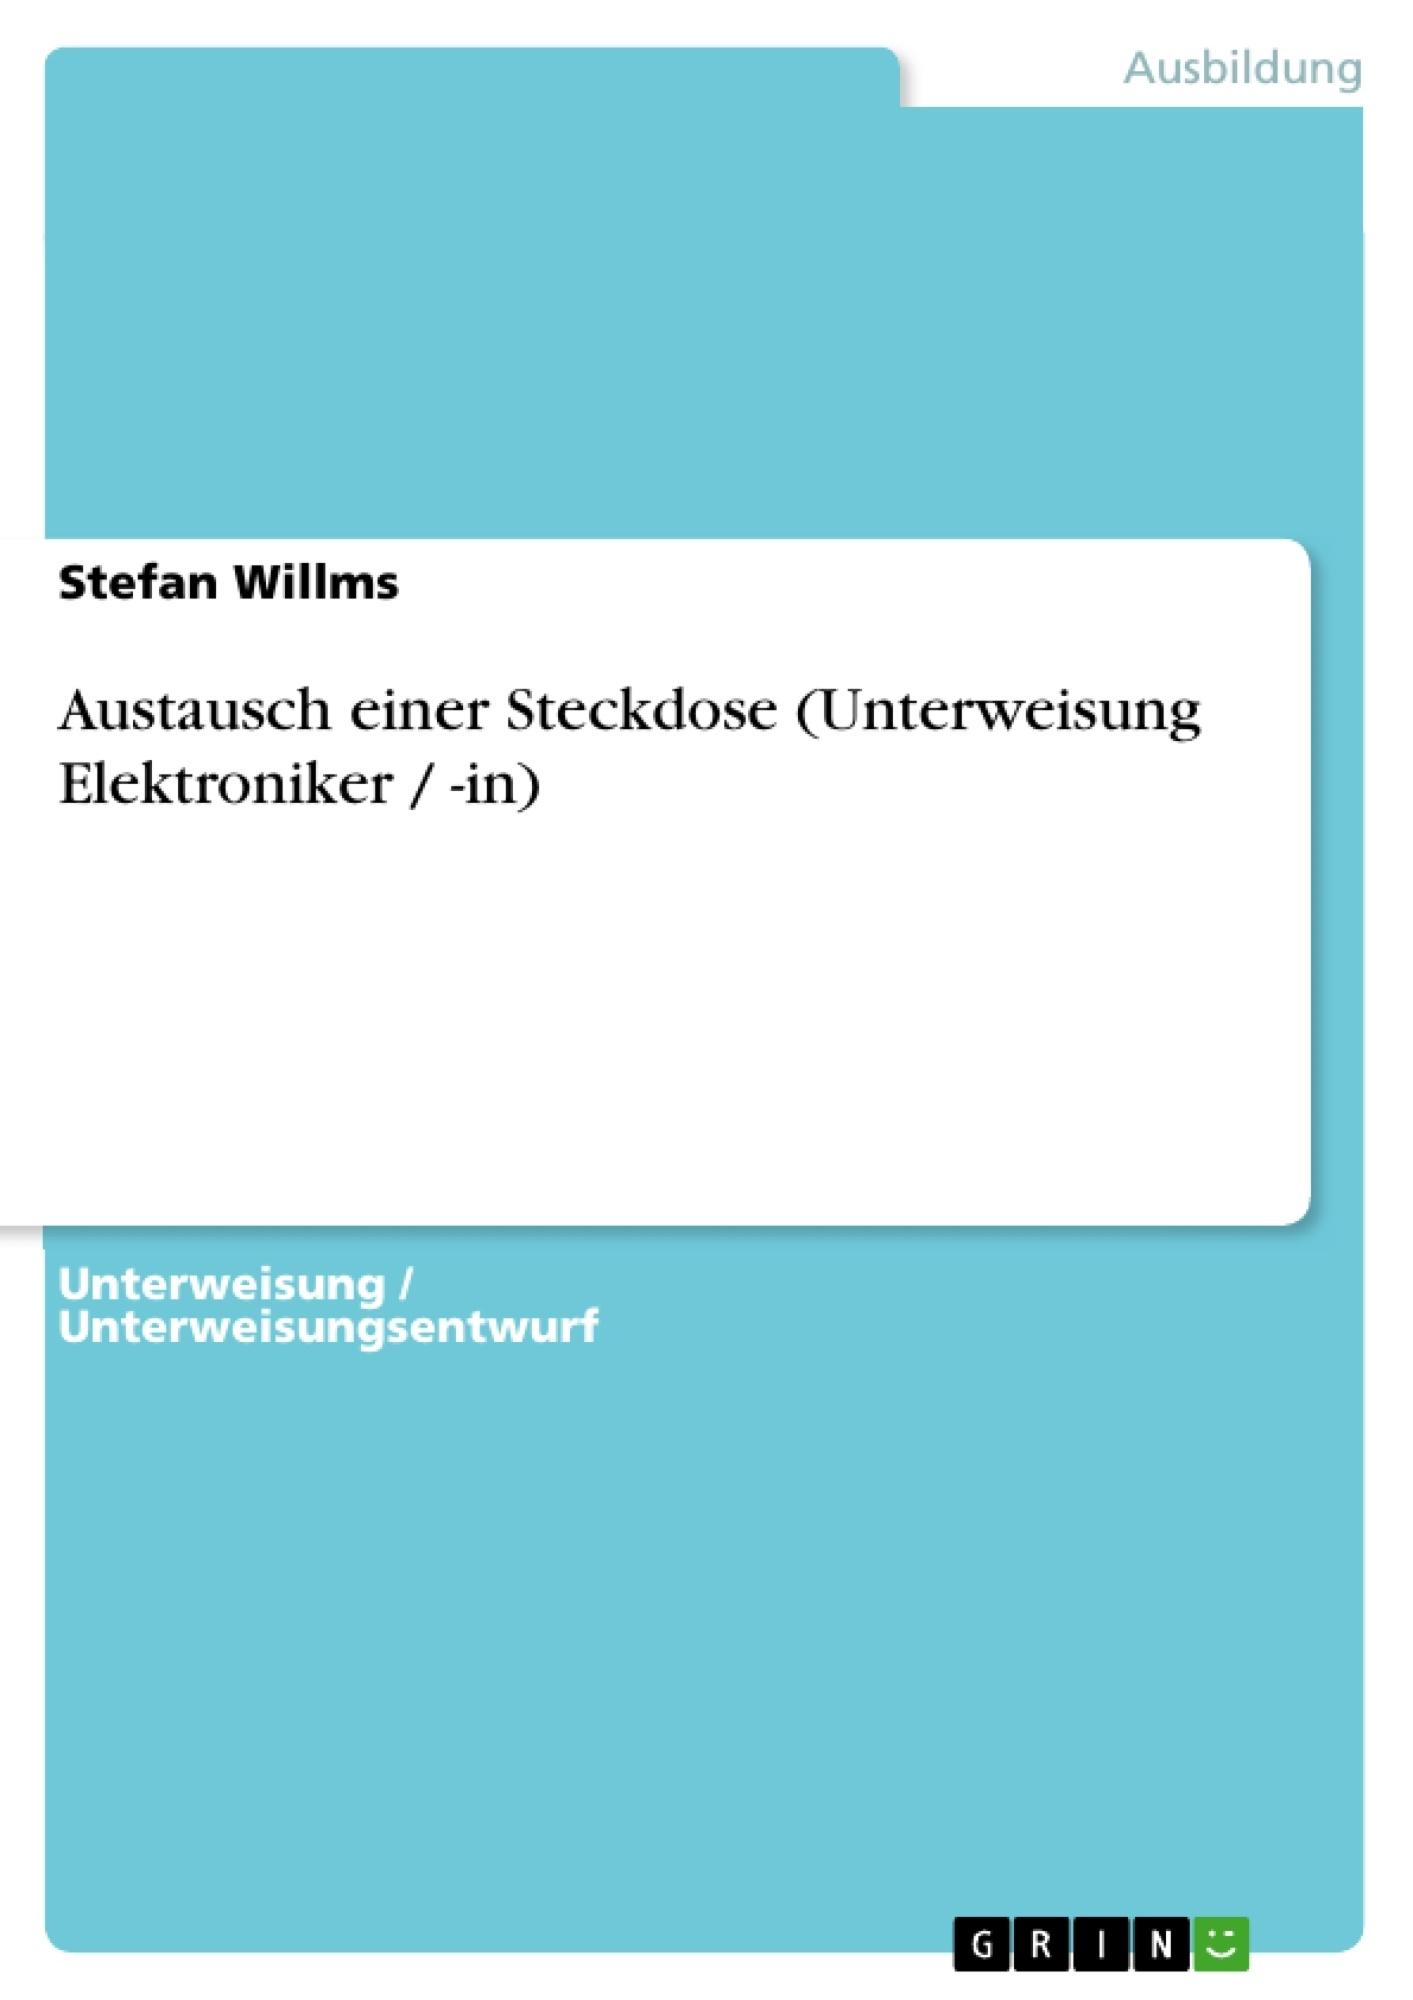 Titel: Austausch einer Steckdose (Unterweisung Elektroniker / -in)